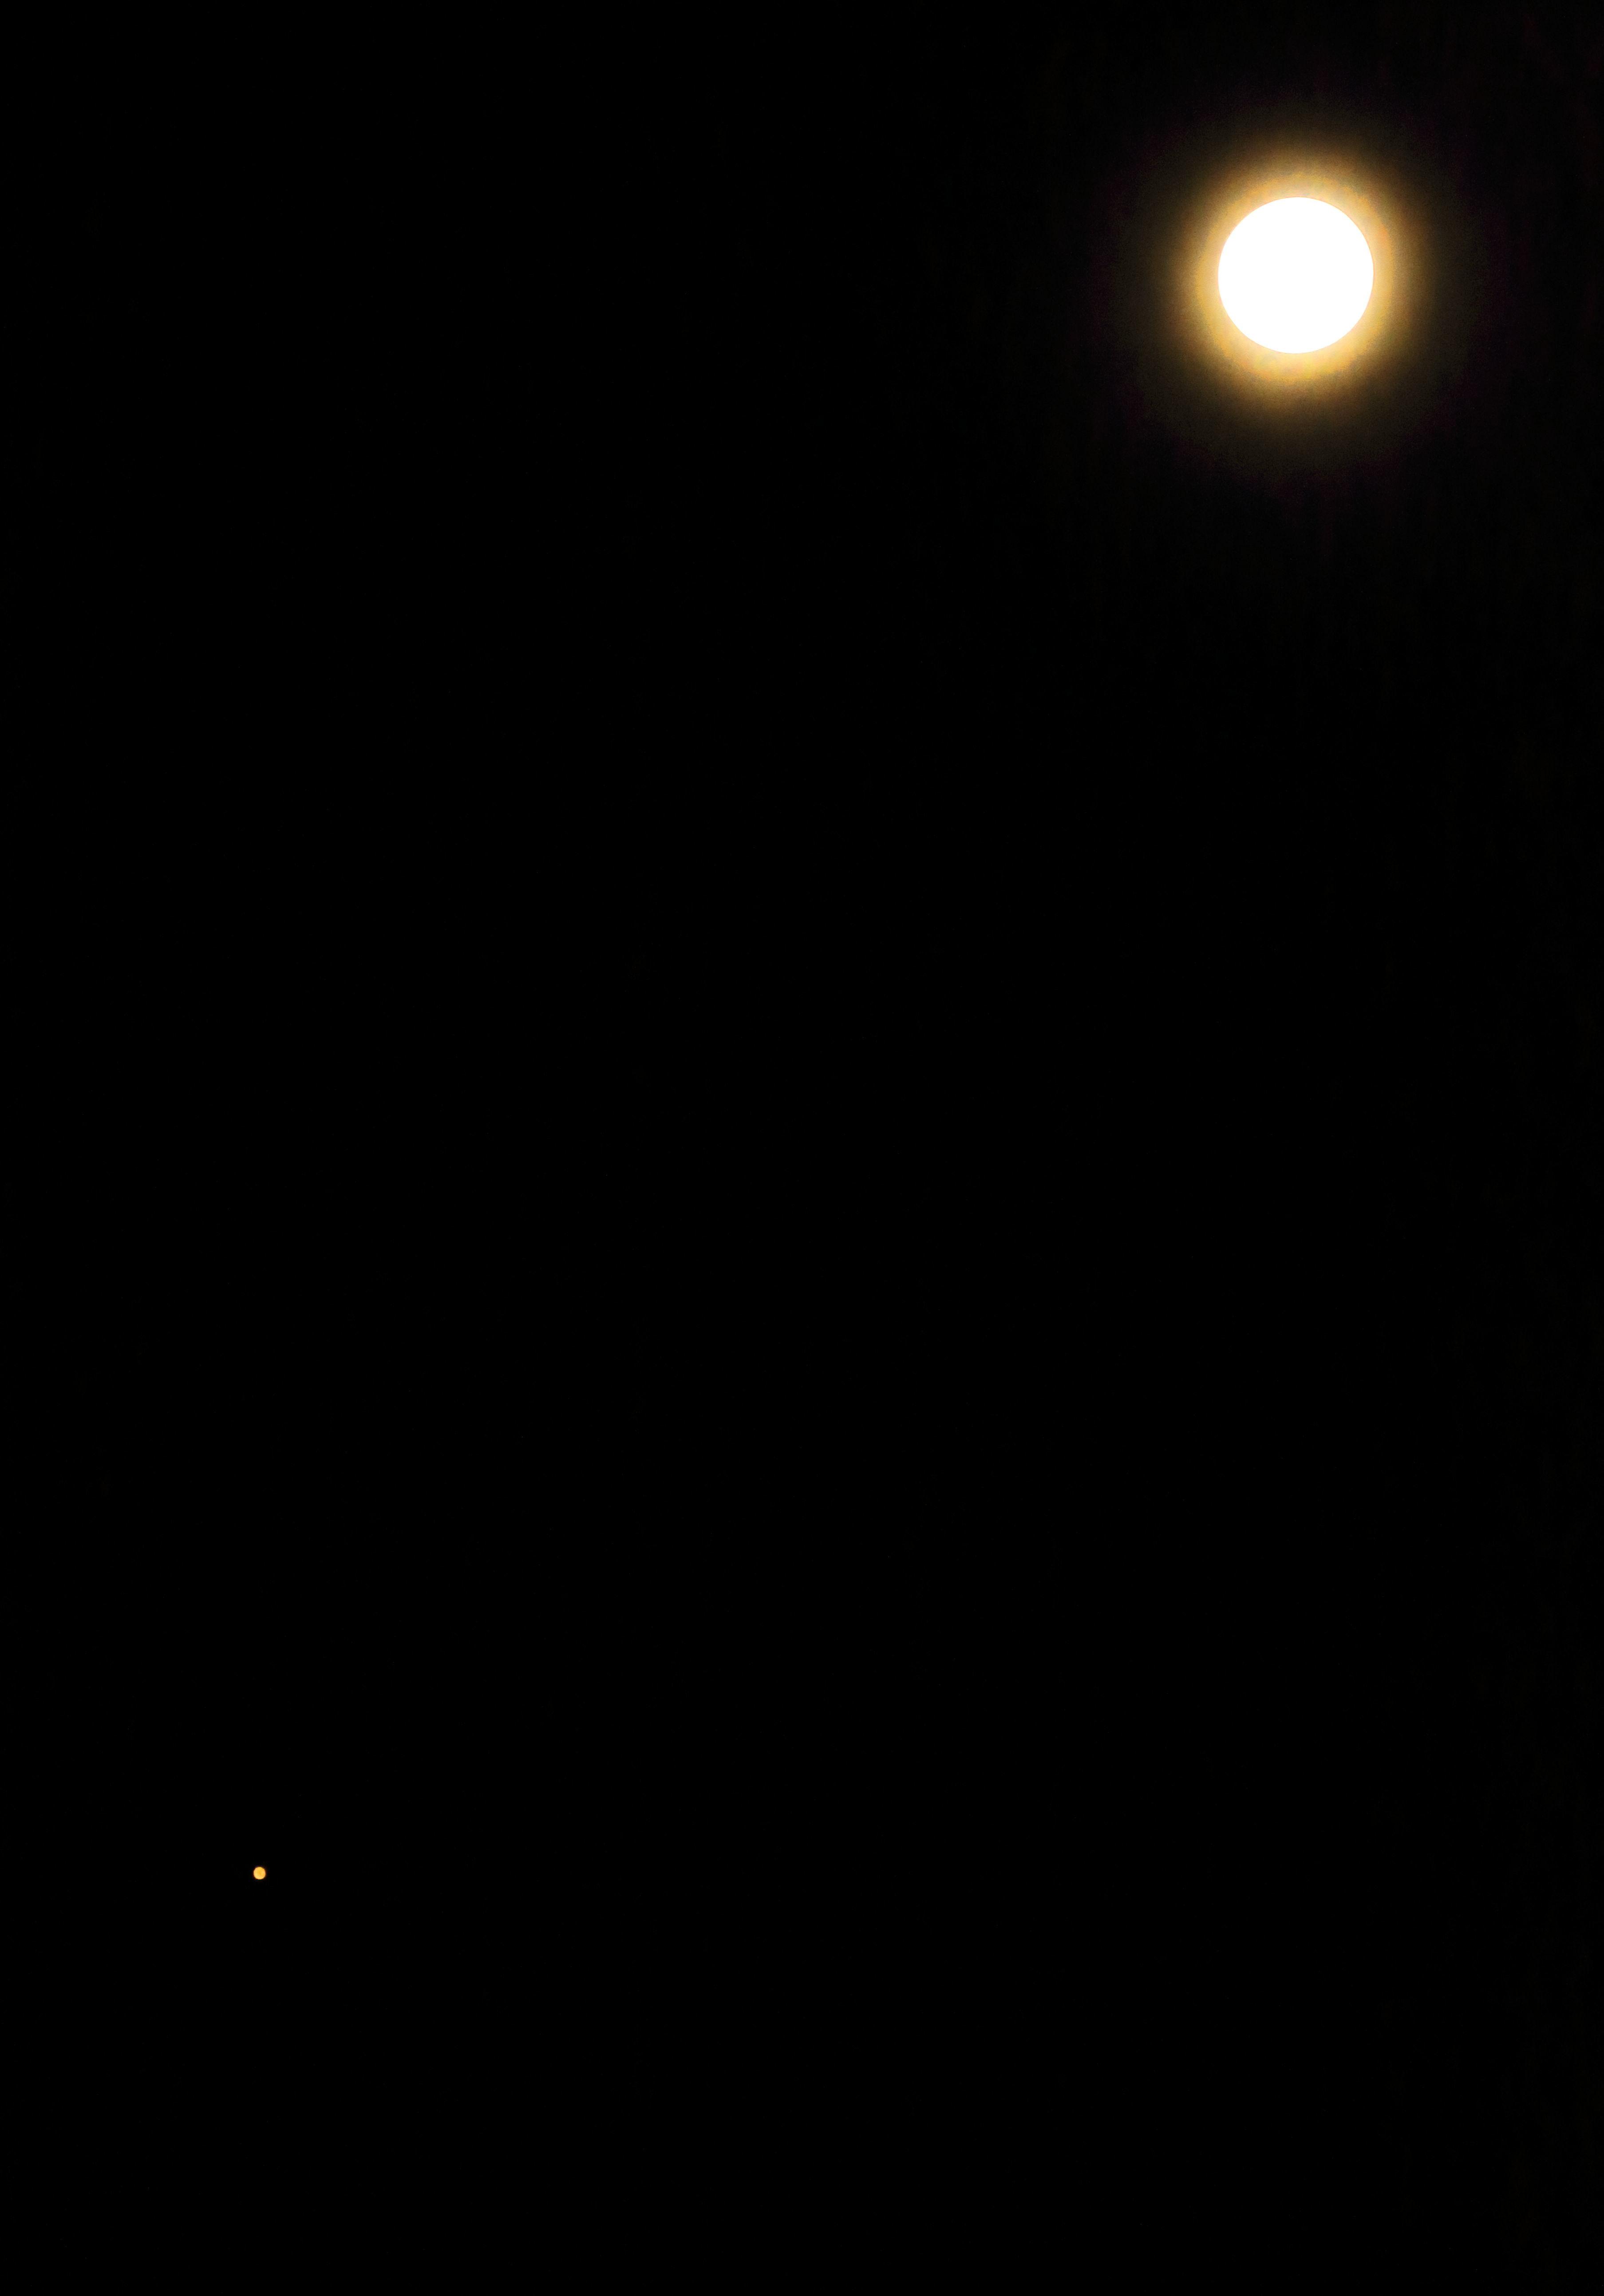 2018 7 27 23 44 月と火星.JPG